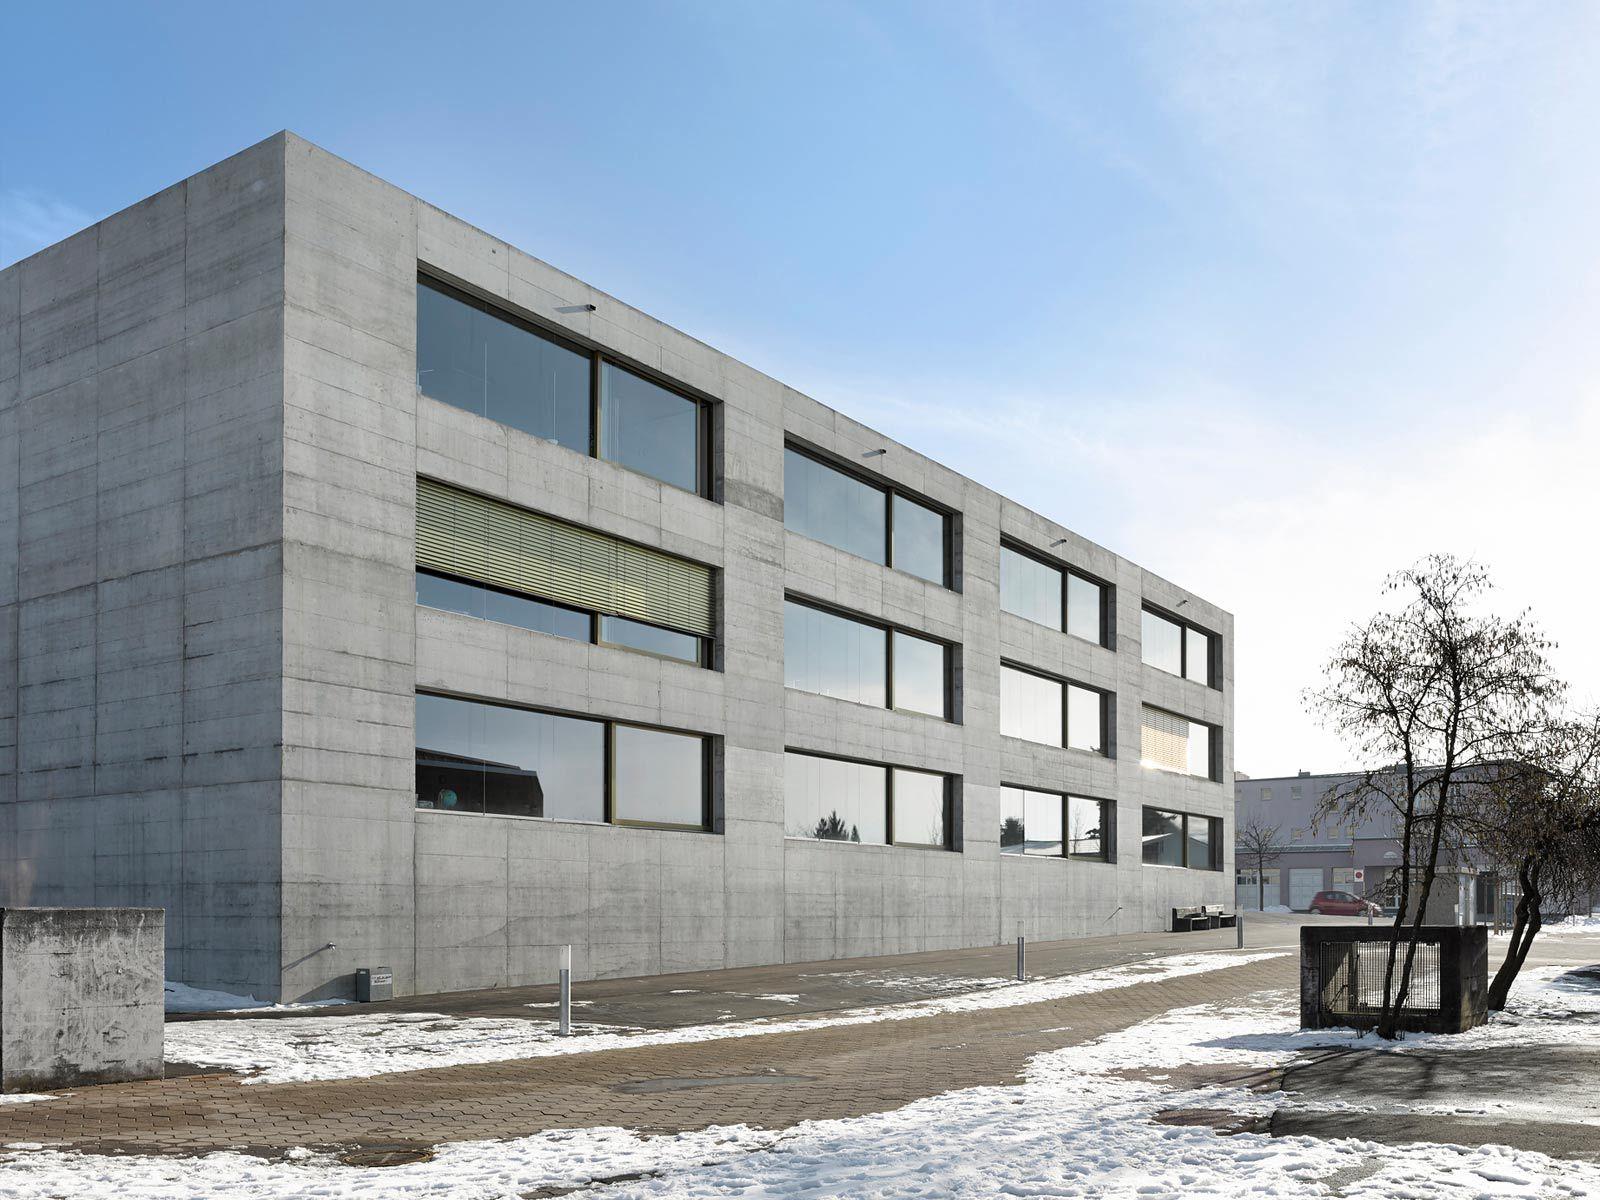 Morscher architekten orientierungsschule kerzers for Minimalismus architektur